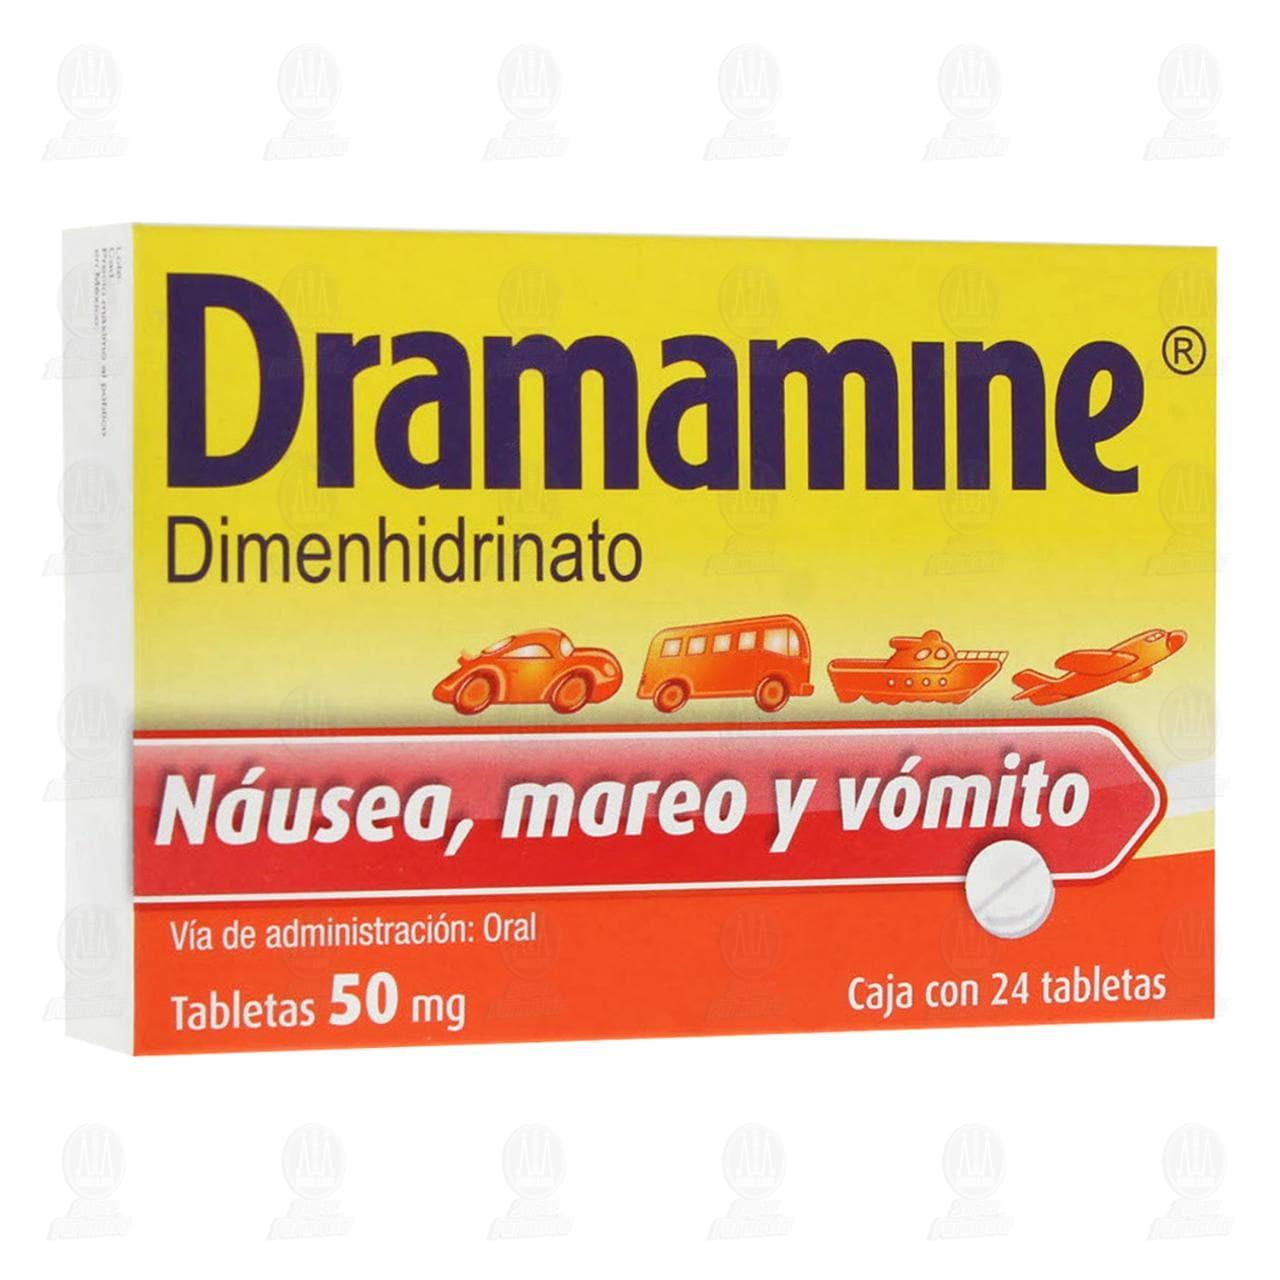 Comprar Dramamine 50mg 24 Tabletas en Farmacias Guadalajara